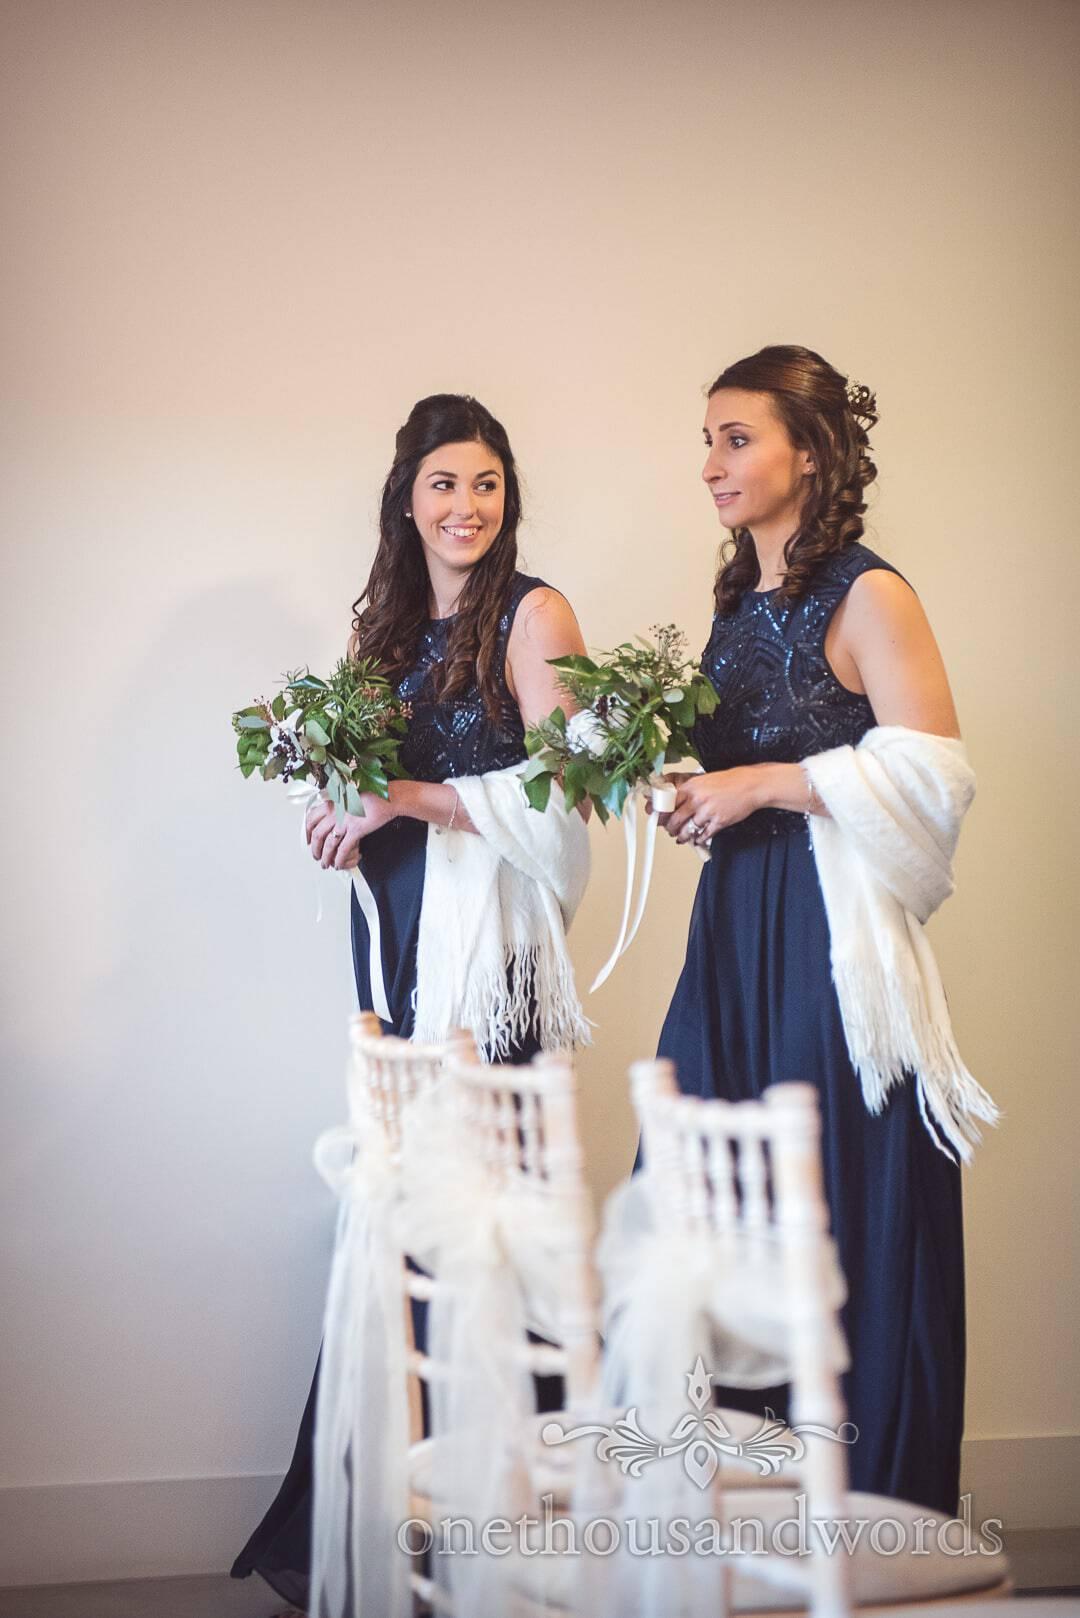 Bridesmaids in dark royal blue bridesmaids dresses enter Italian Villa Wedding ceremony